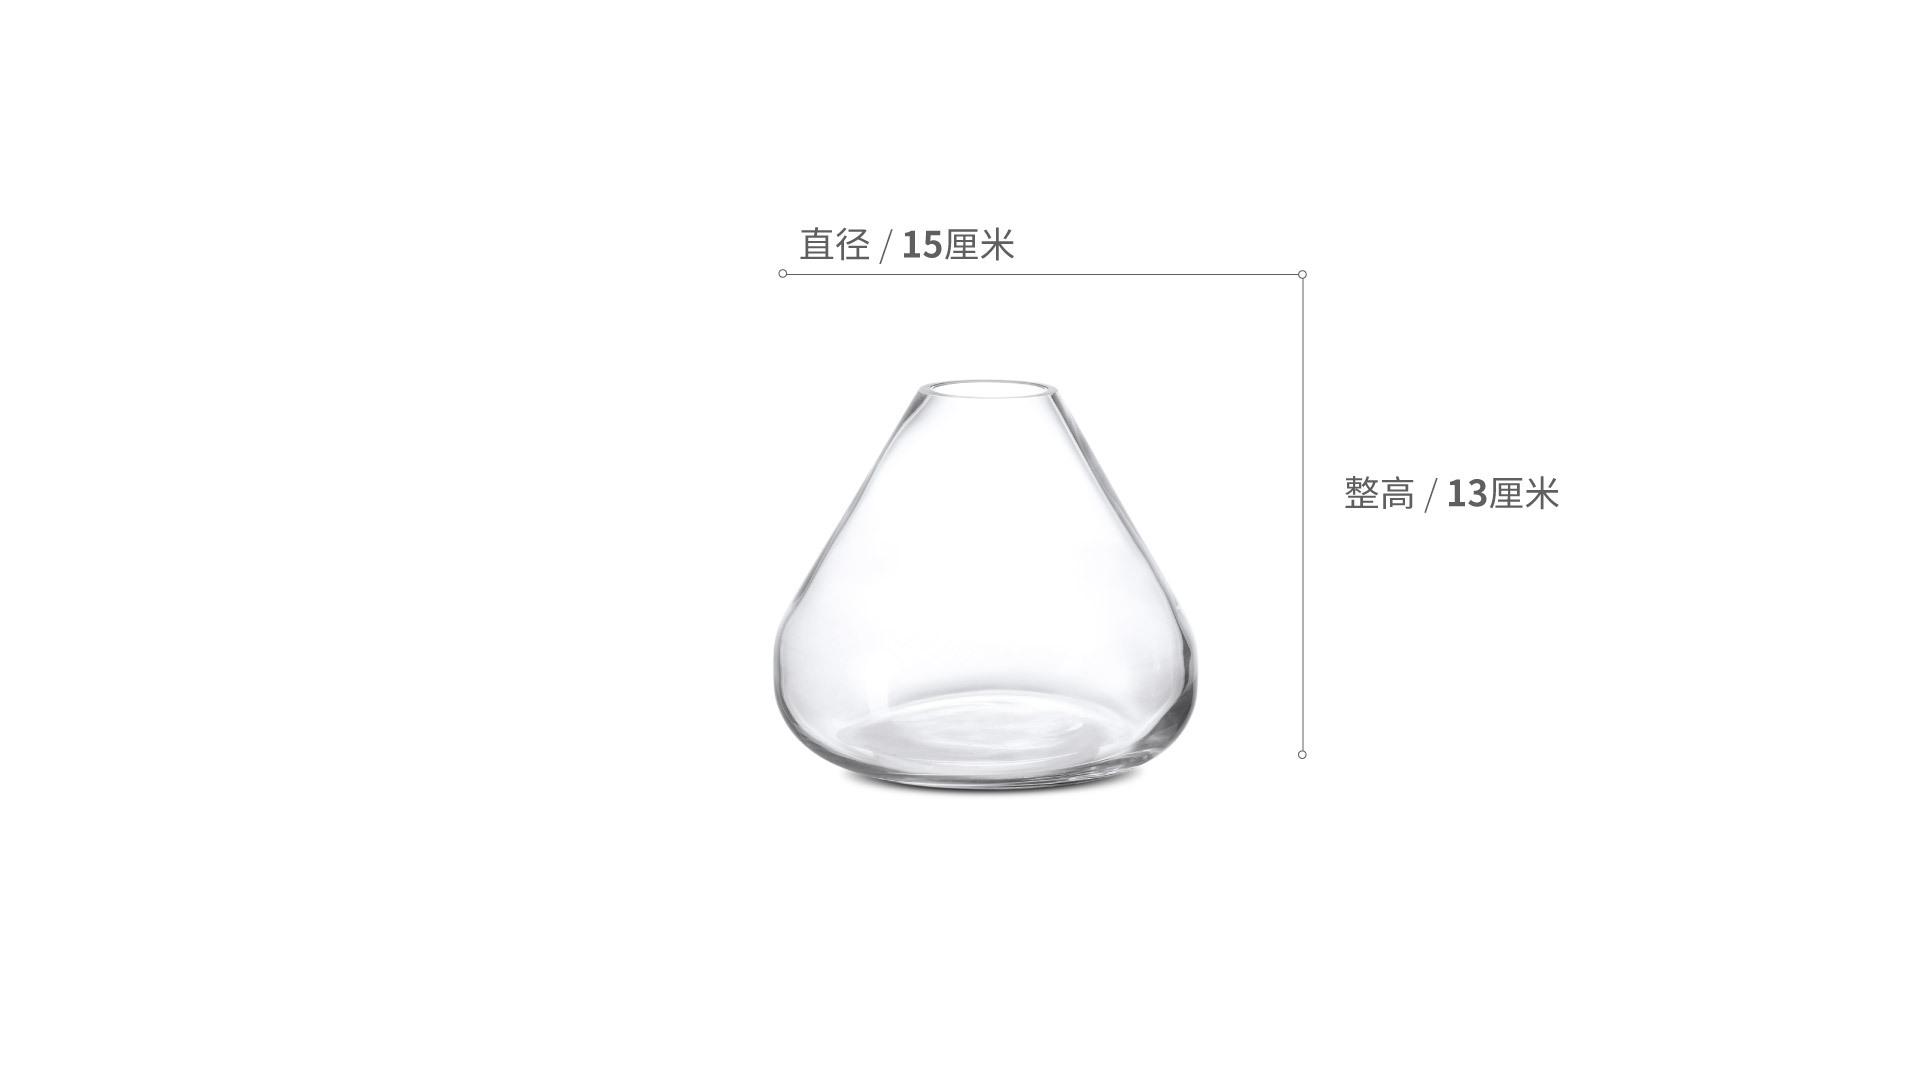 小山空气花瓶小号装饰效果图